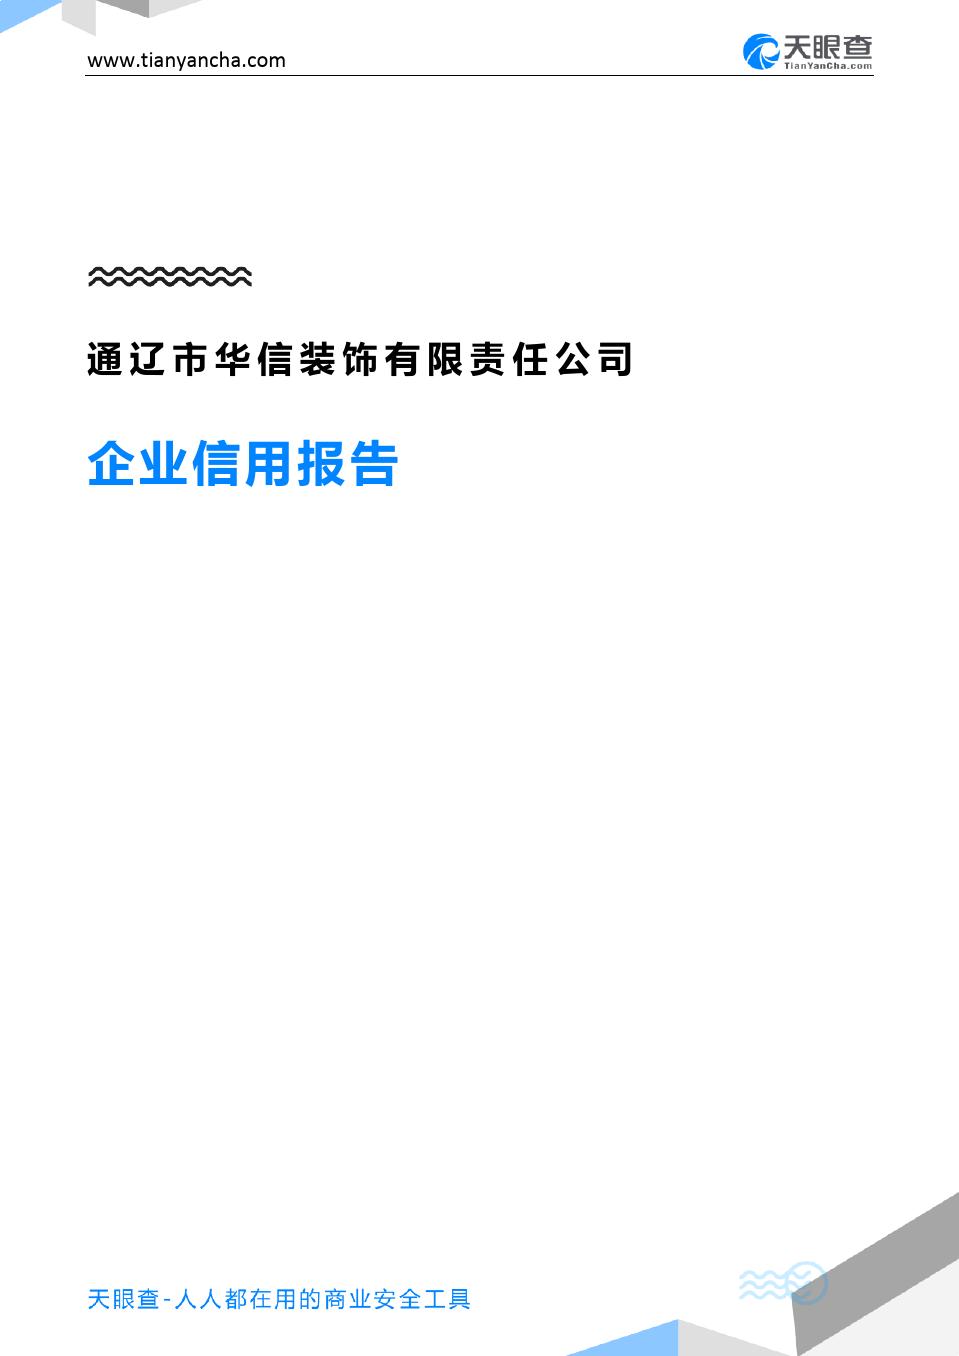 通遼市華信裝飾有限責任公司(企業信用報告)- 天眼查